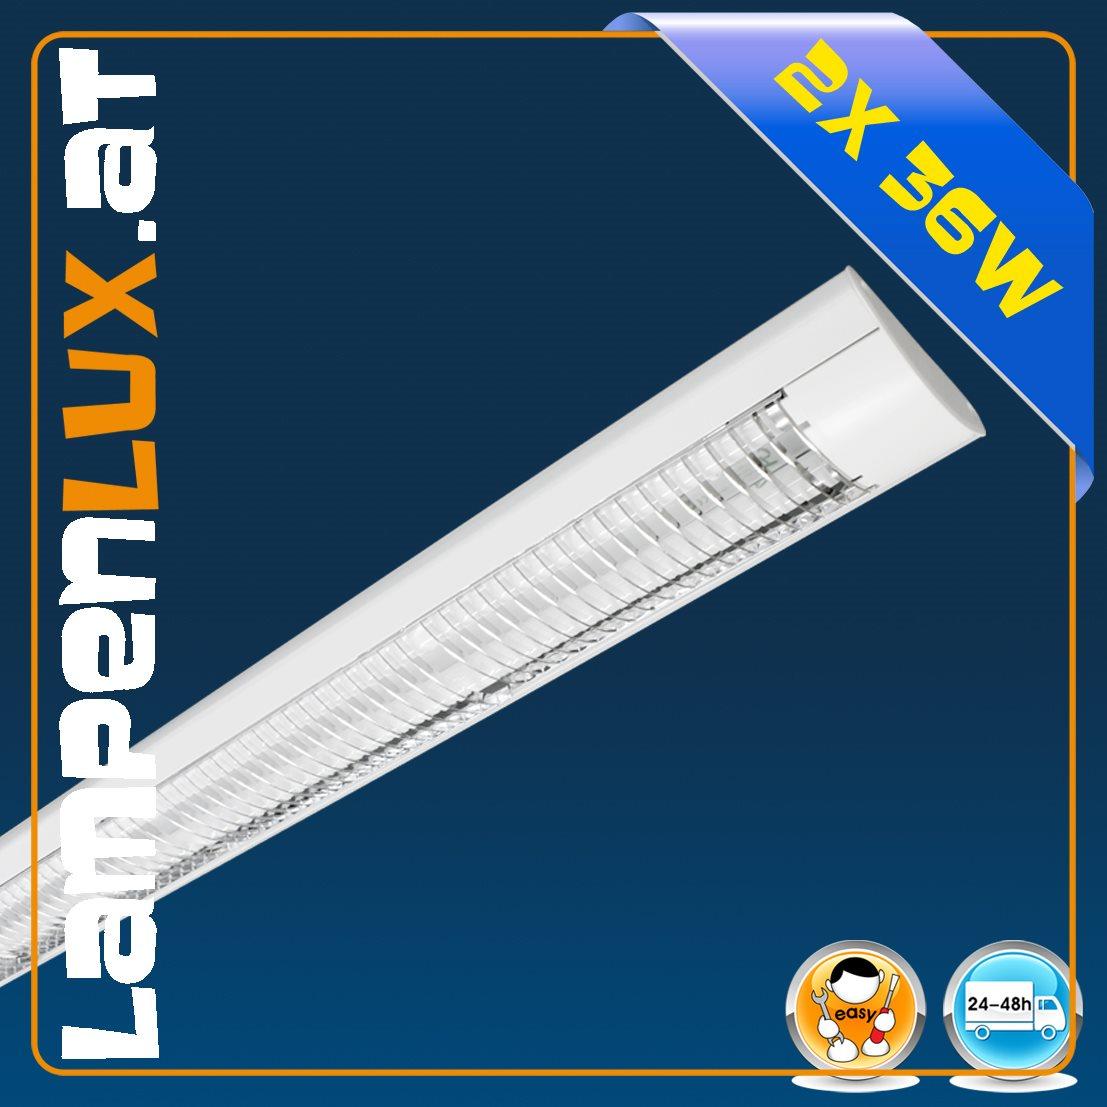 Weiße Raster Leuchte Decken Lampe Büro Arbeits Office 2x 36Watt inklusive LM